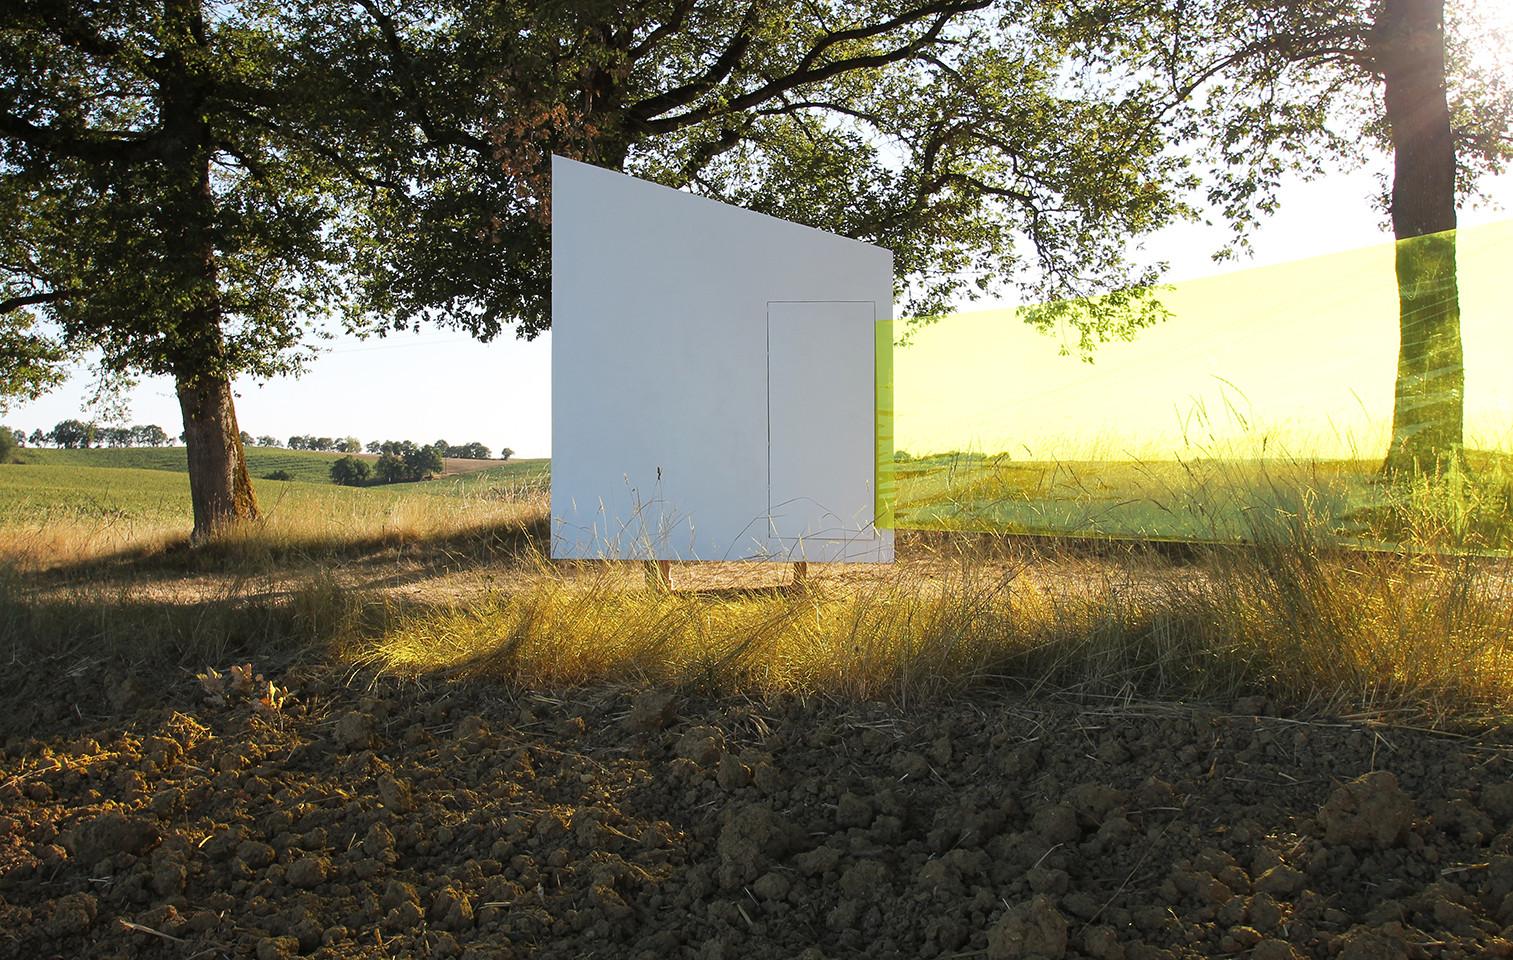 La Galería de Arte Móvil de Gillot+Givry: un espacio vacío para abrir la mente